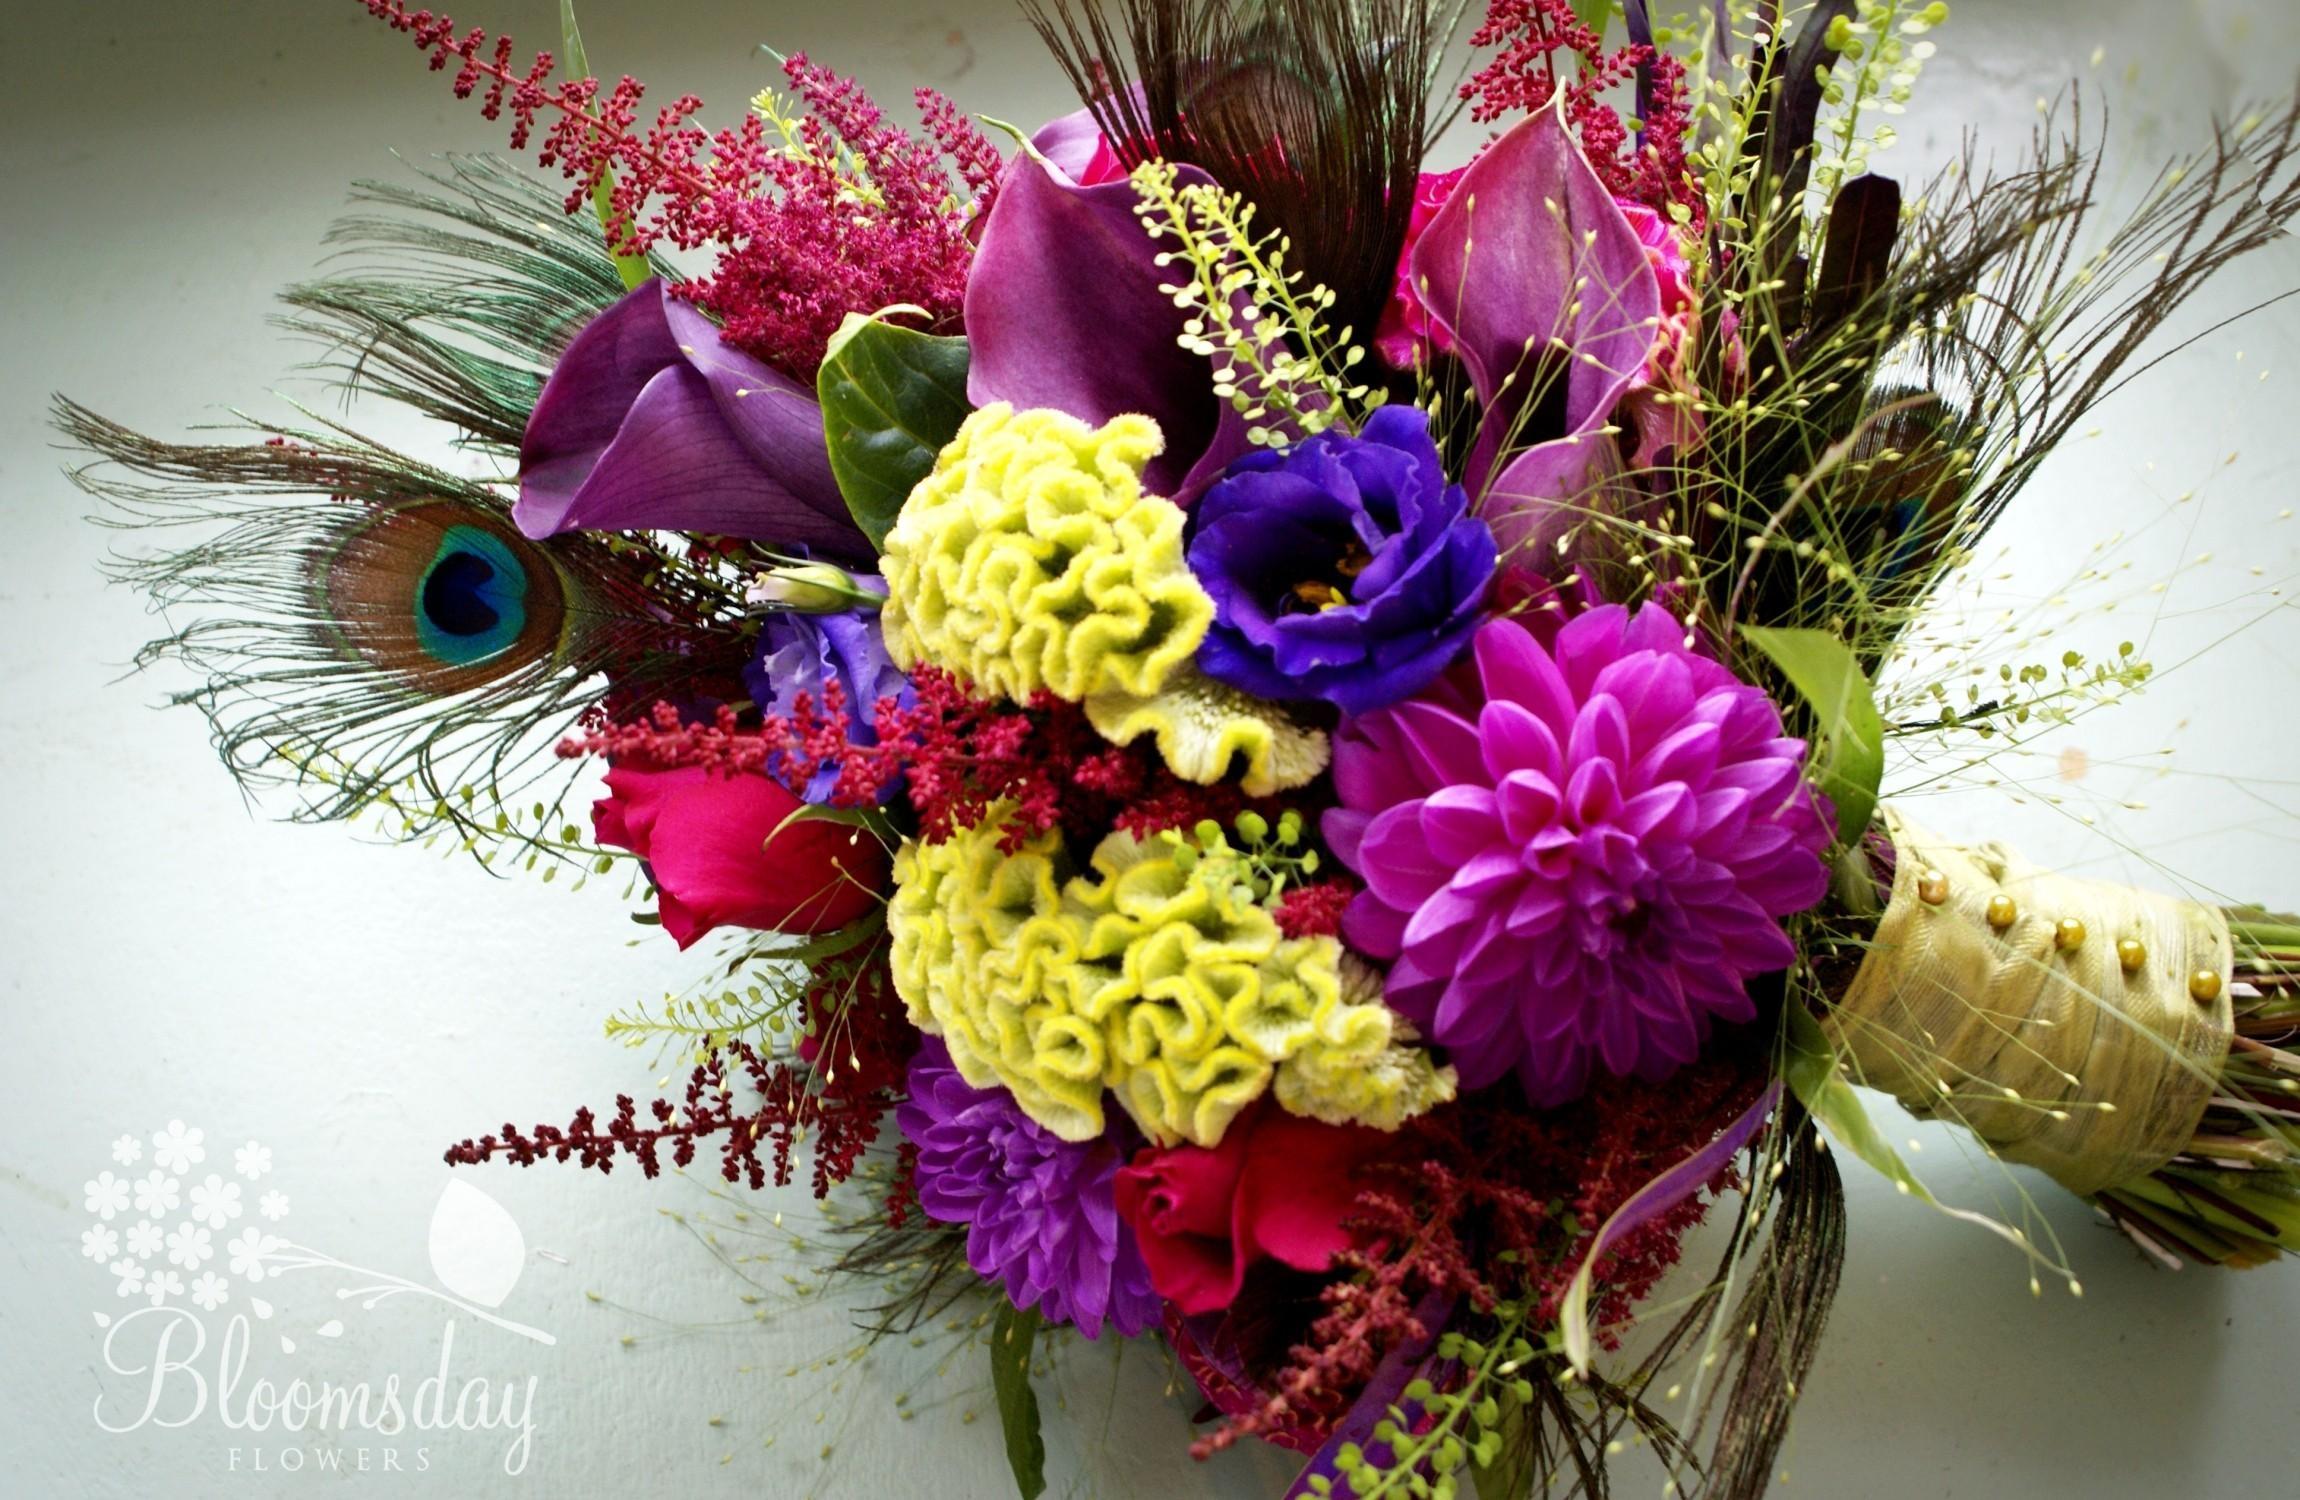 Dahlias Roses Calla Lilies Flowers Bouquet Design Composition 2300x1500